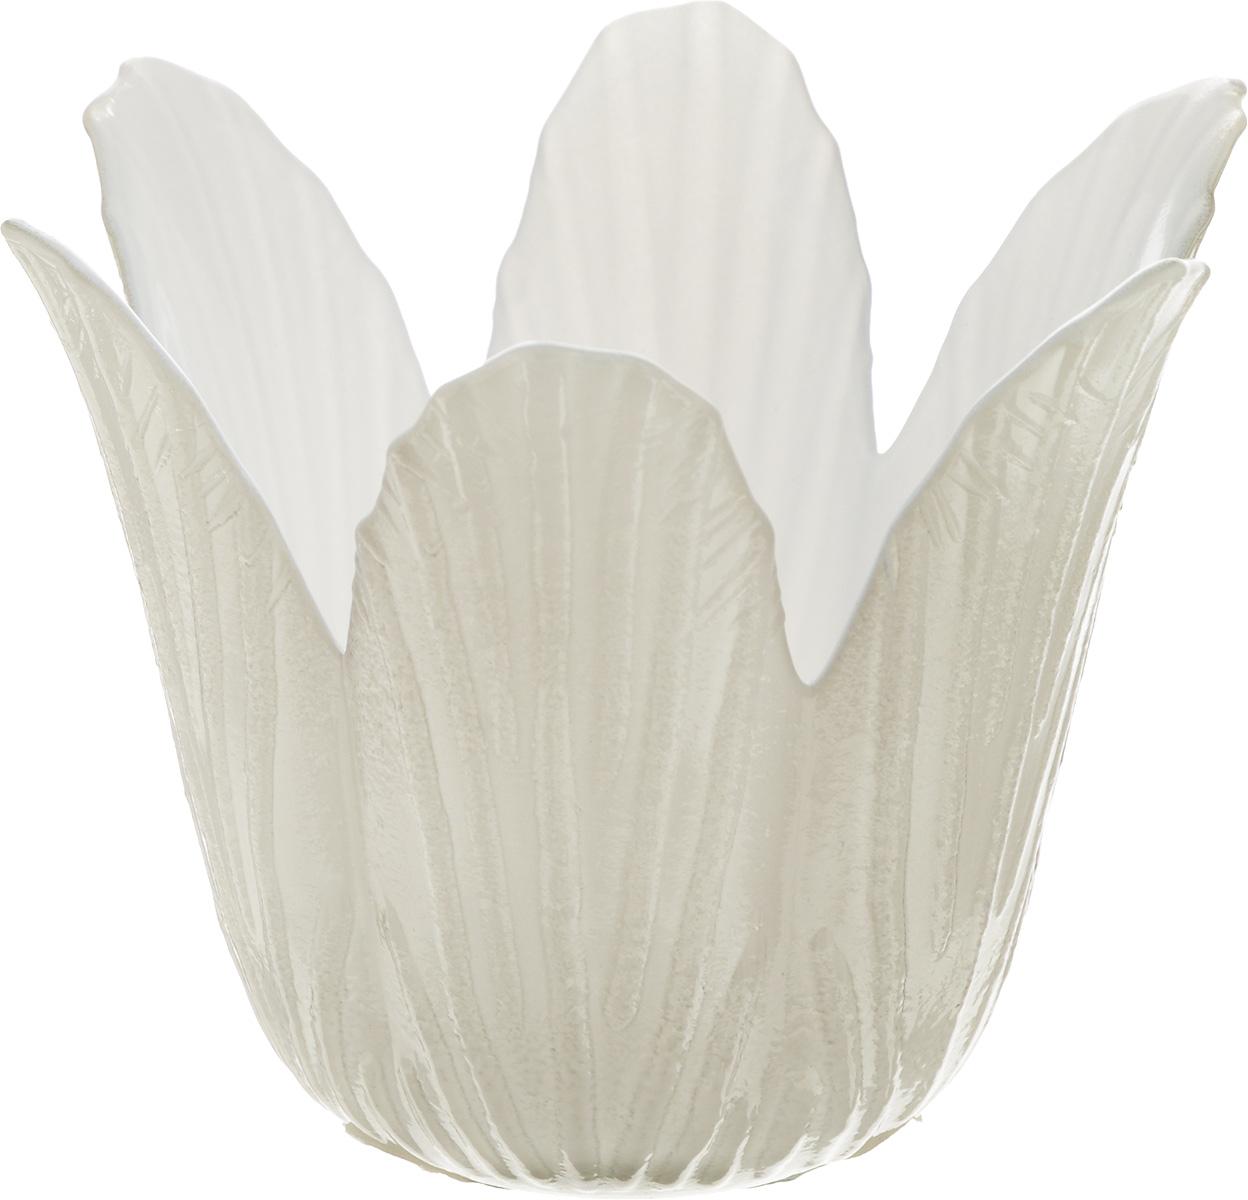 Подсвечник декоративный House & Holder, цвет: белый, серый, высота 7,5 смDP-C32-12HG15622A-22_белый, серыйДекоративный подсвечник House & Holder изготовлен из керамики в виде кувшинки. Свеча вставляется внутрь цветка. Такой подсвечник будет потрясающе смотреться в интерьере комнаты и станет прекрасным сувениром к любому случаю.